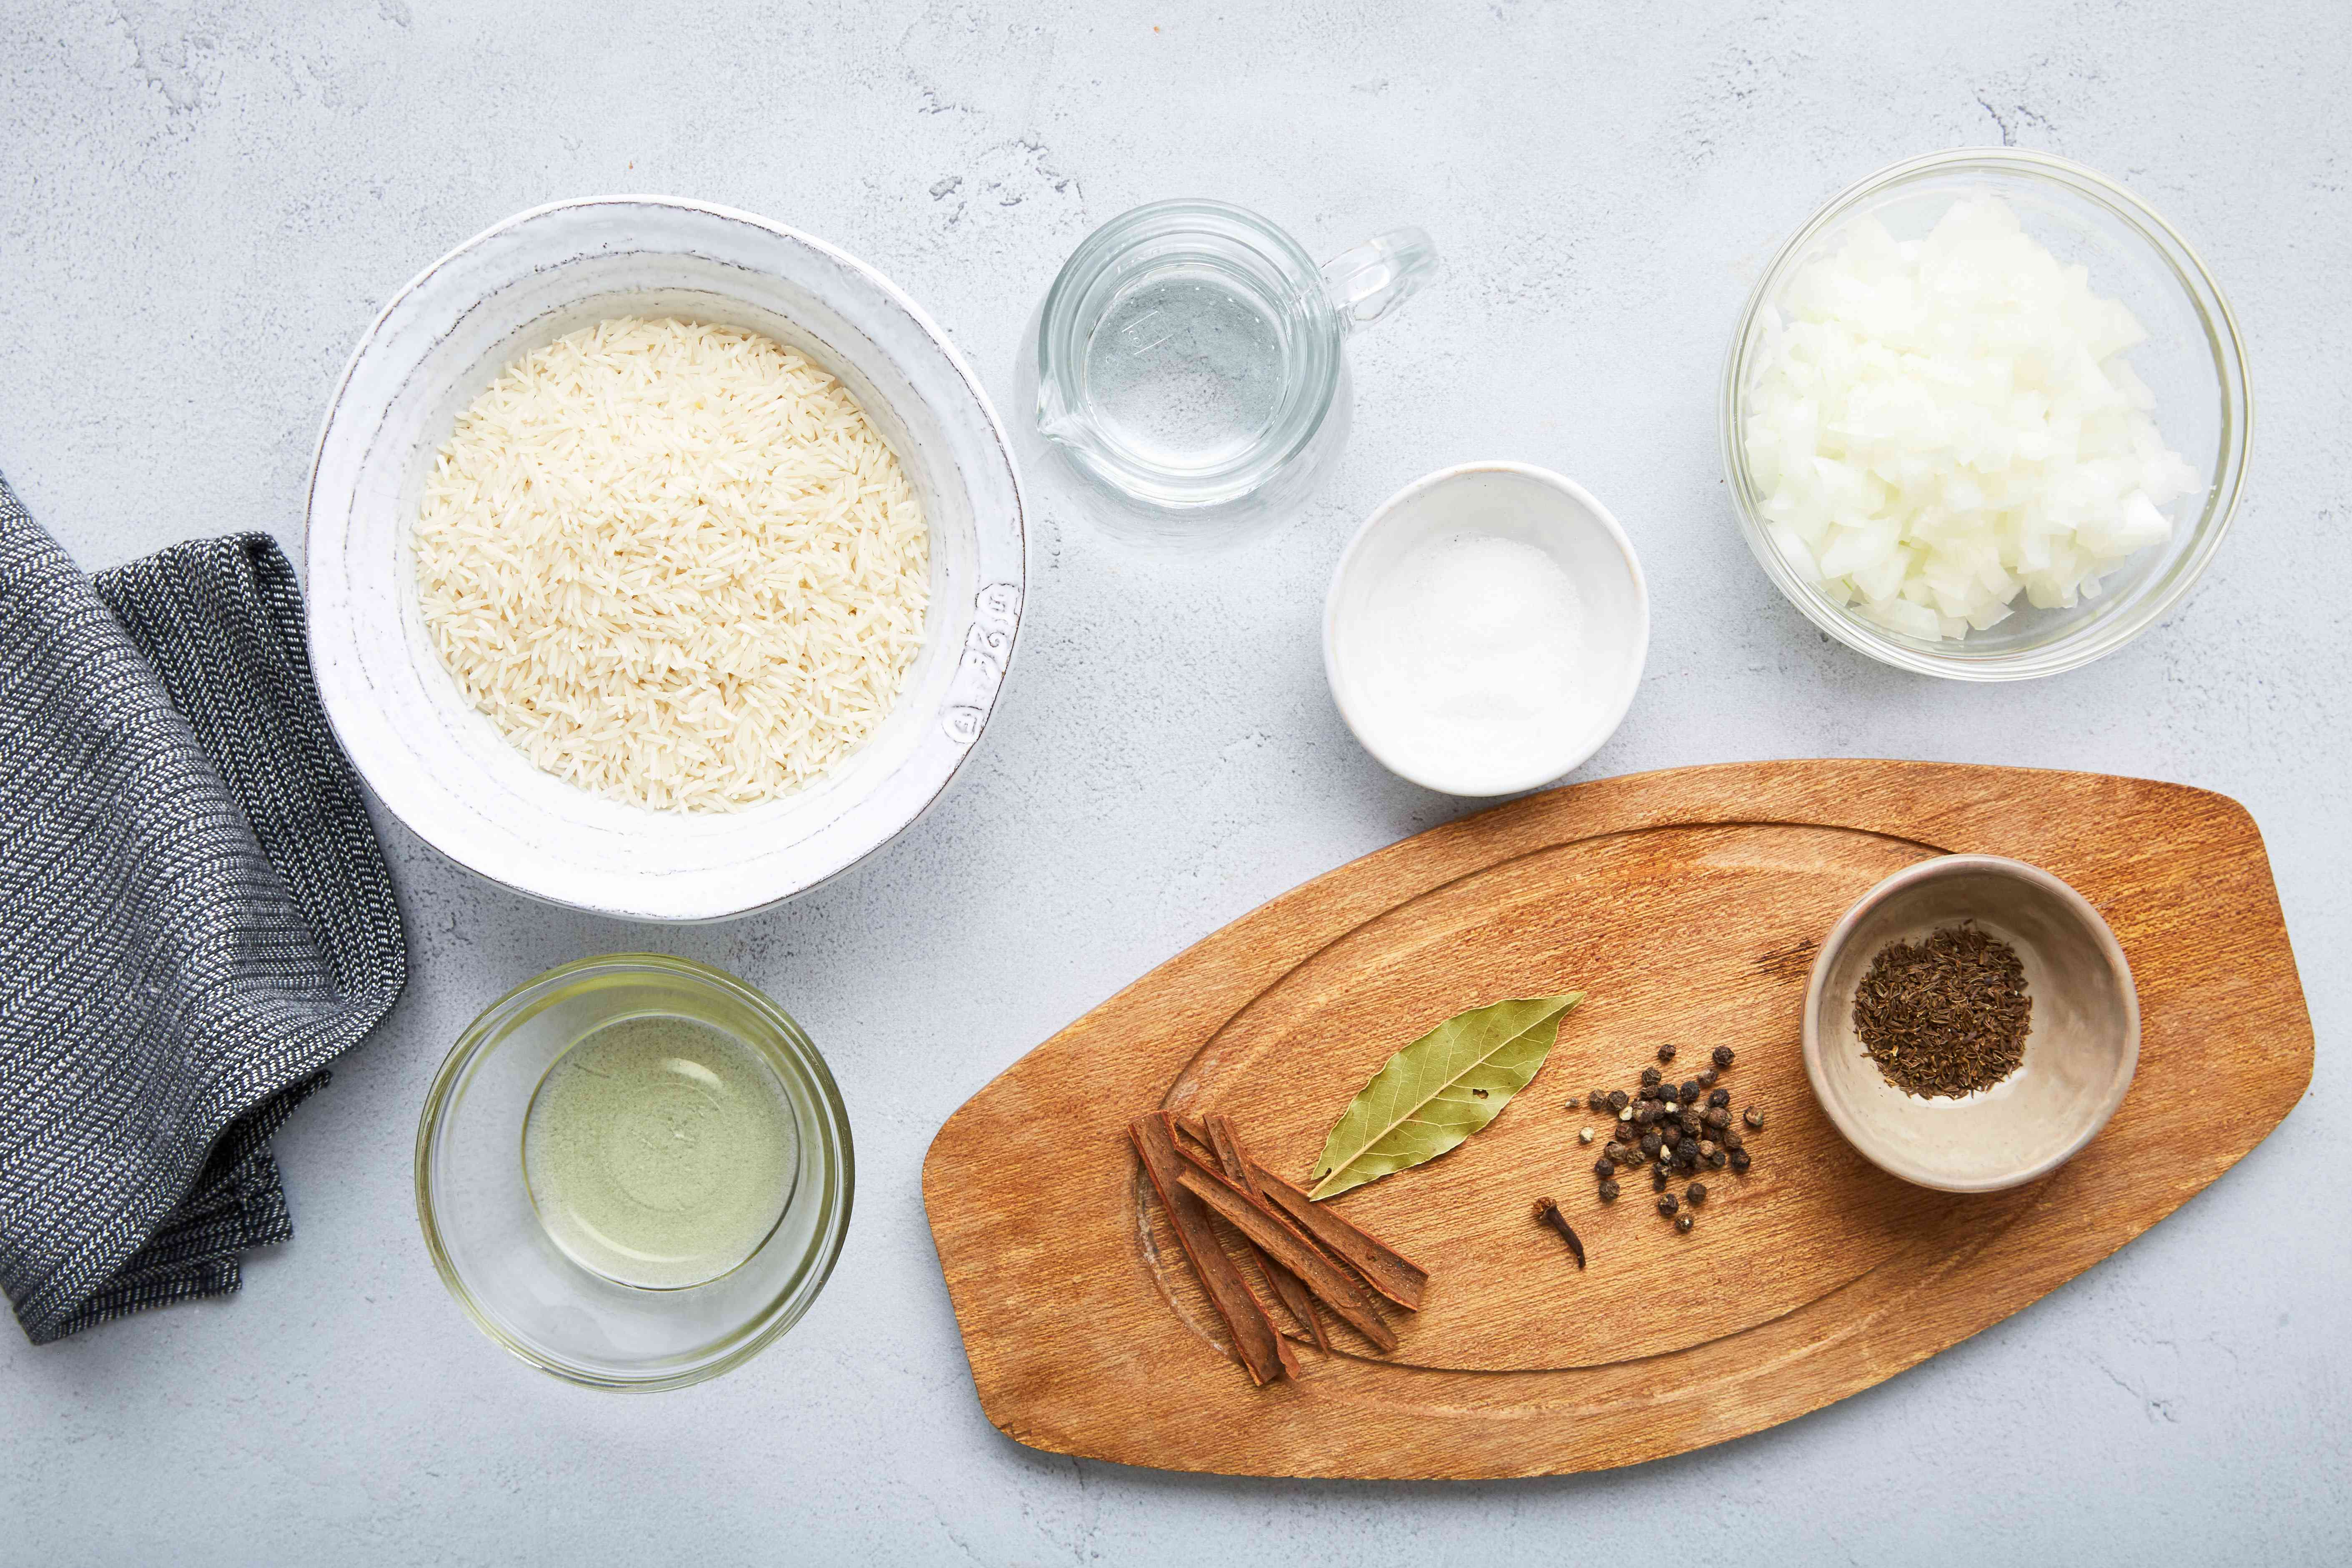 Ingredients for Indian basmati rice